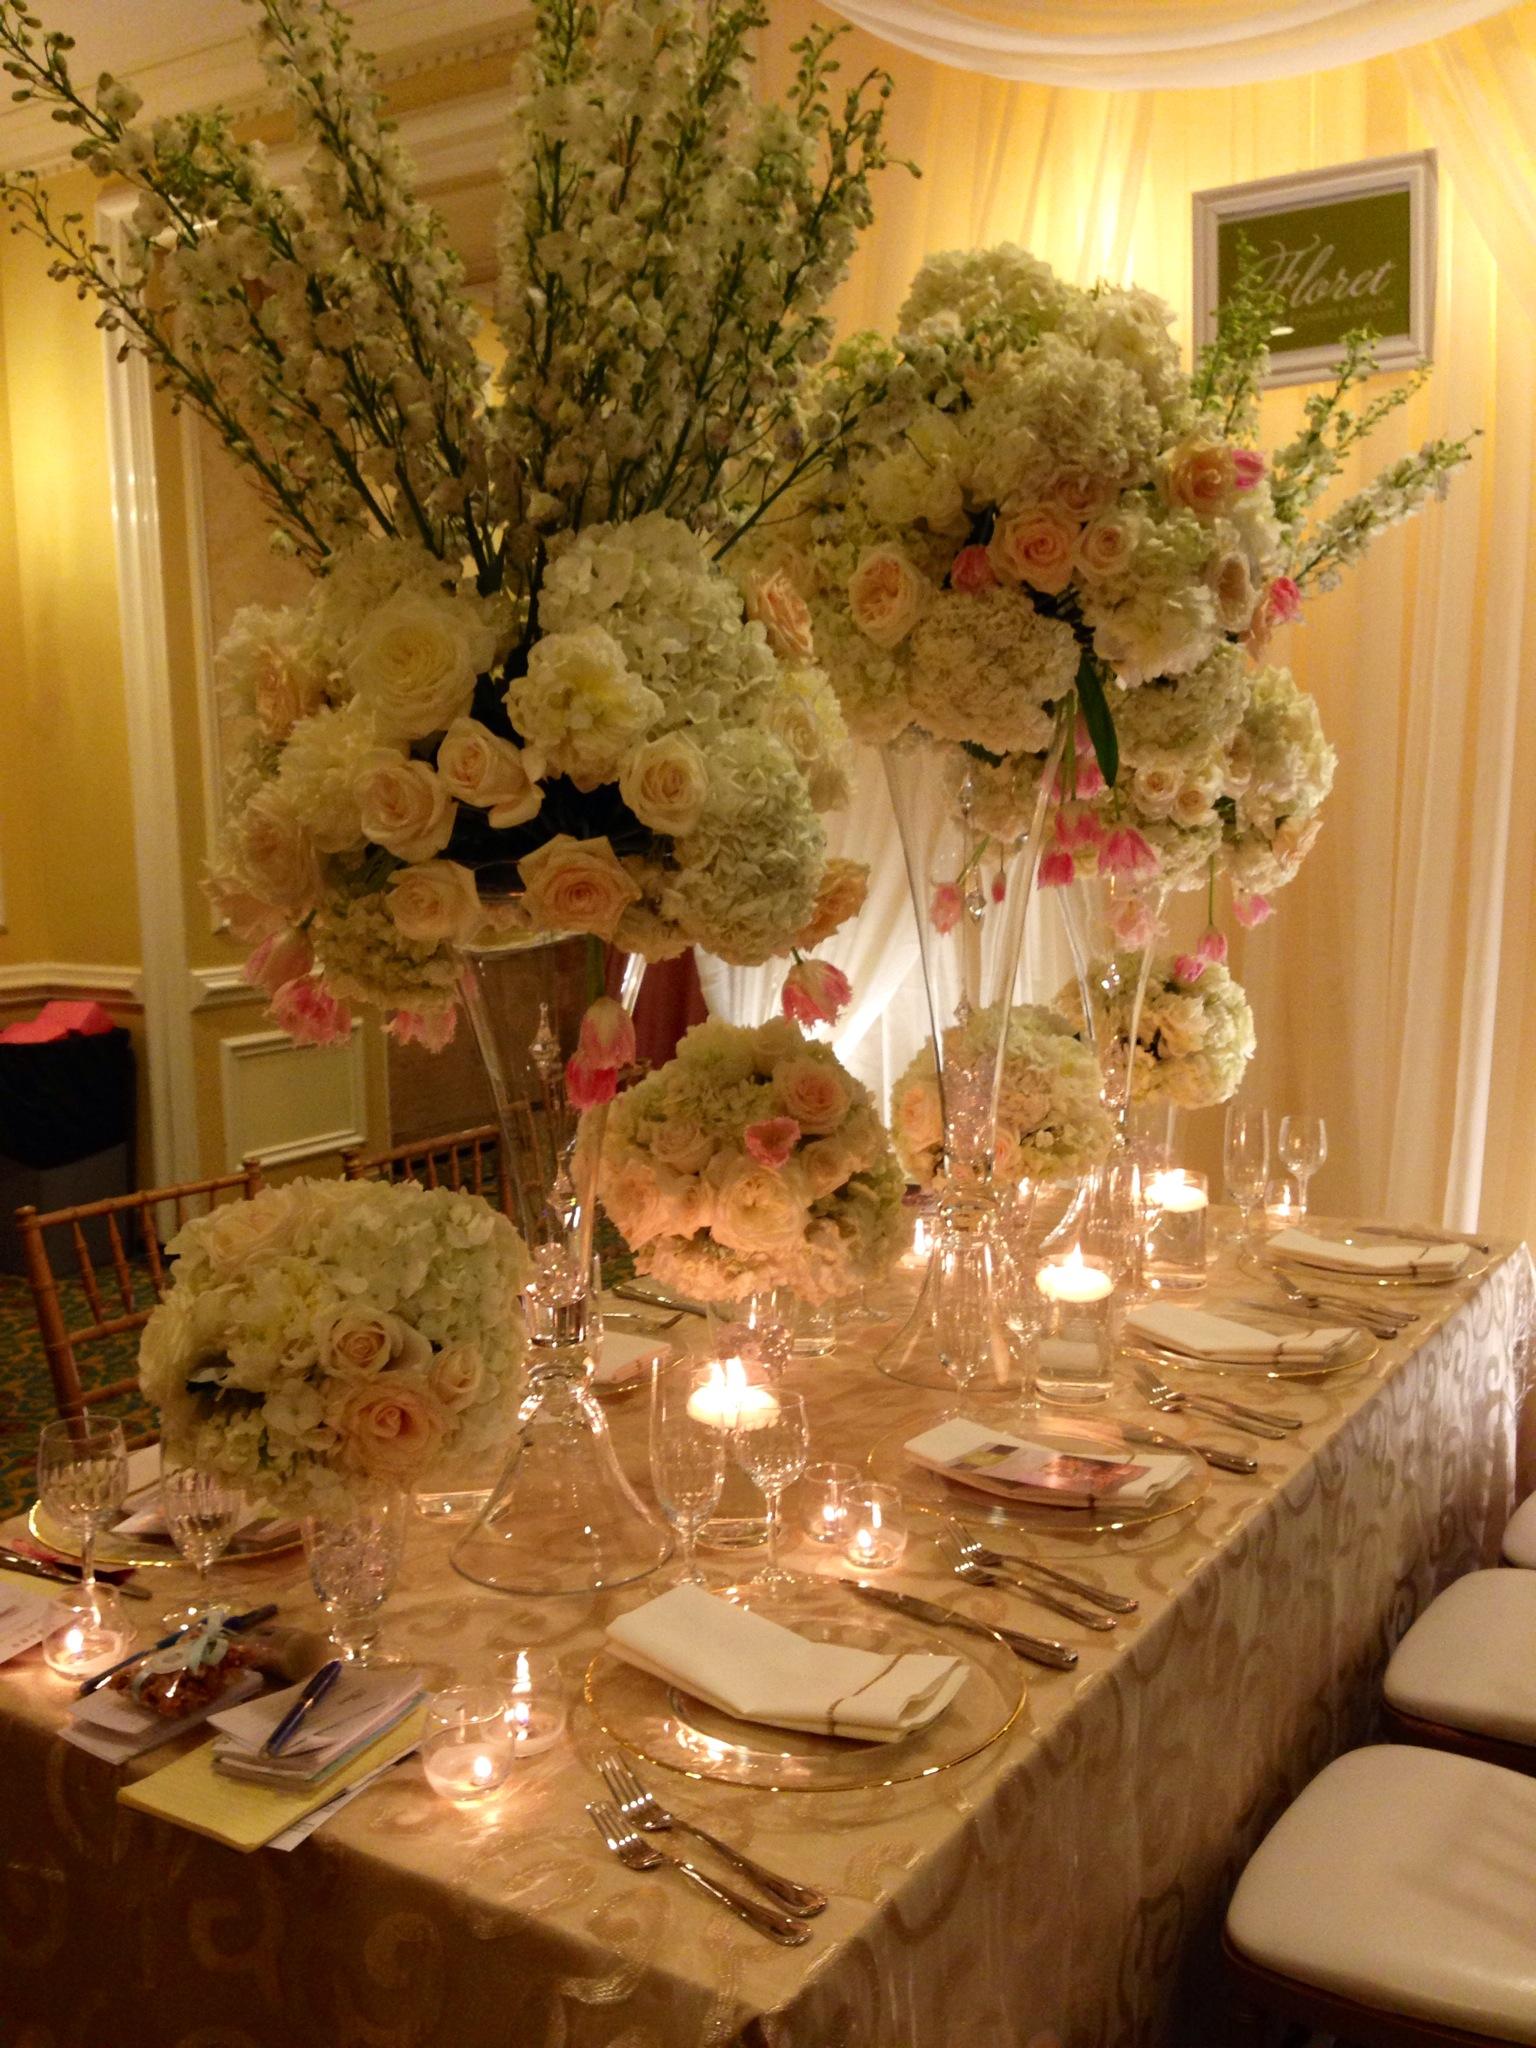 weddingflowers-wedluxeshow-torontoweddingplanner- torontodestionationweddingplanner